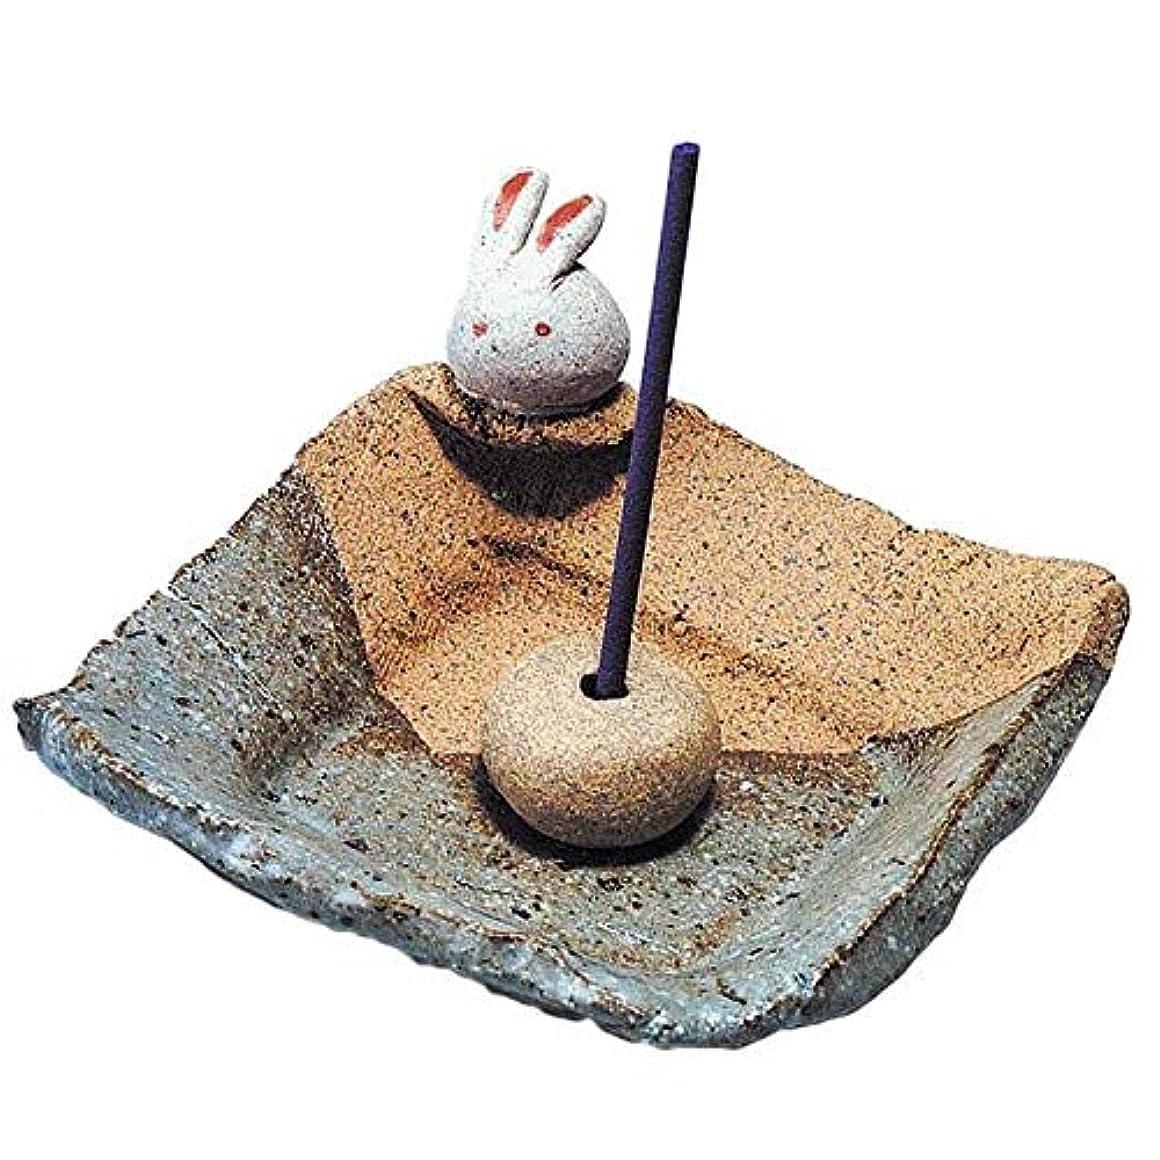 五十アマゾンジャングル征服手造り 香皿 香立て/うさぎ 香皿/香り アロマ 癒やし リラックス インテリア プレゼント 贈り物